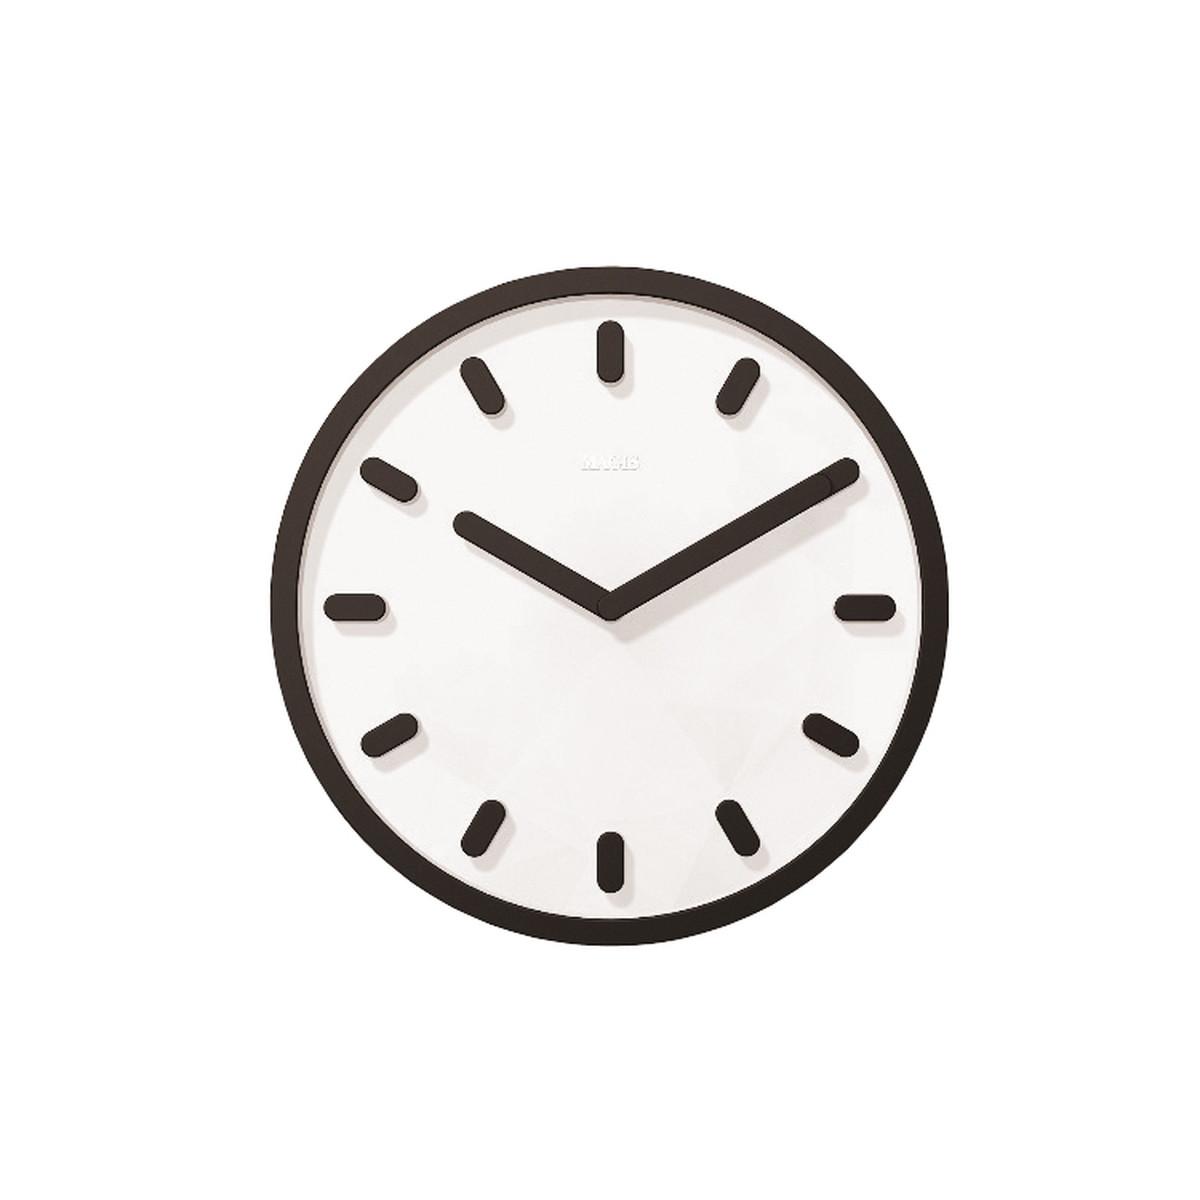 Tempo wall clock.